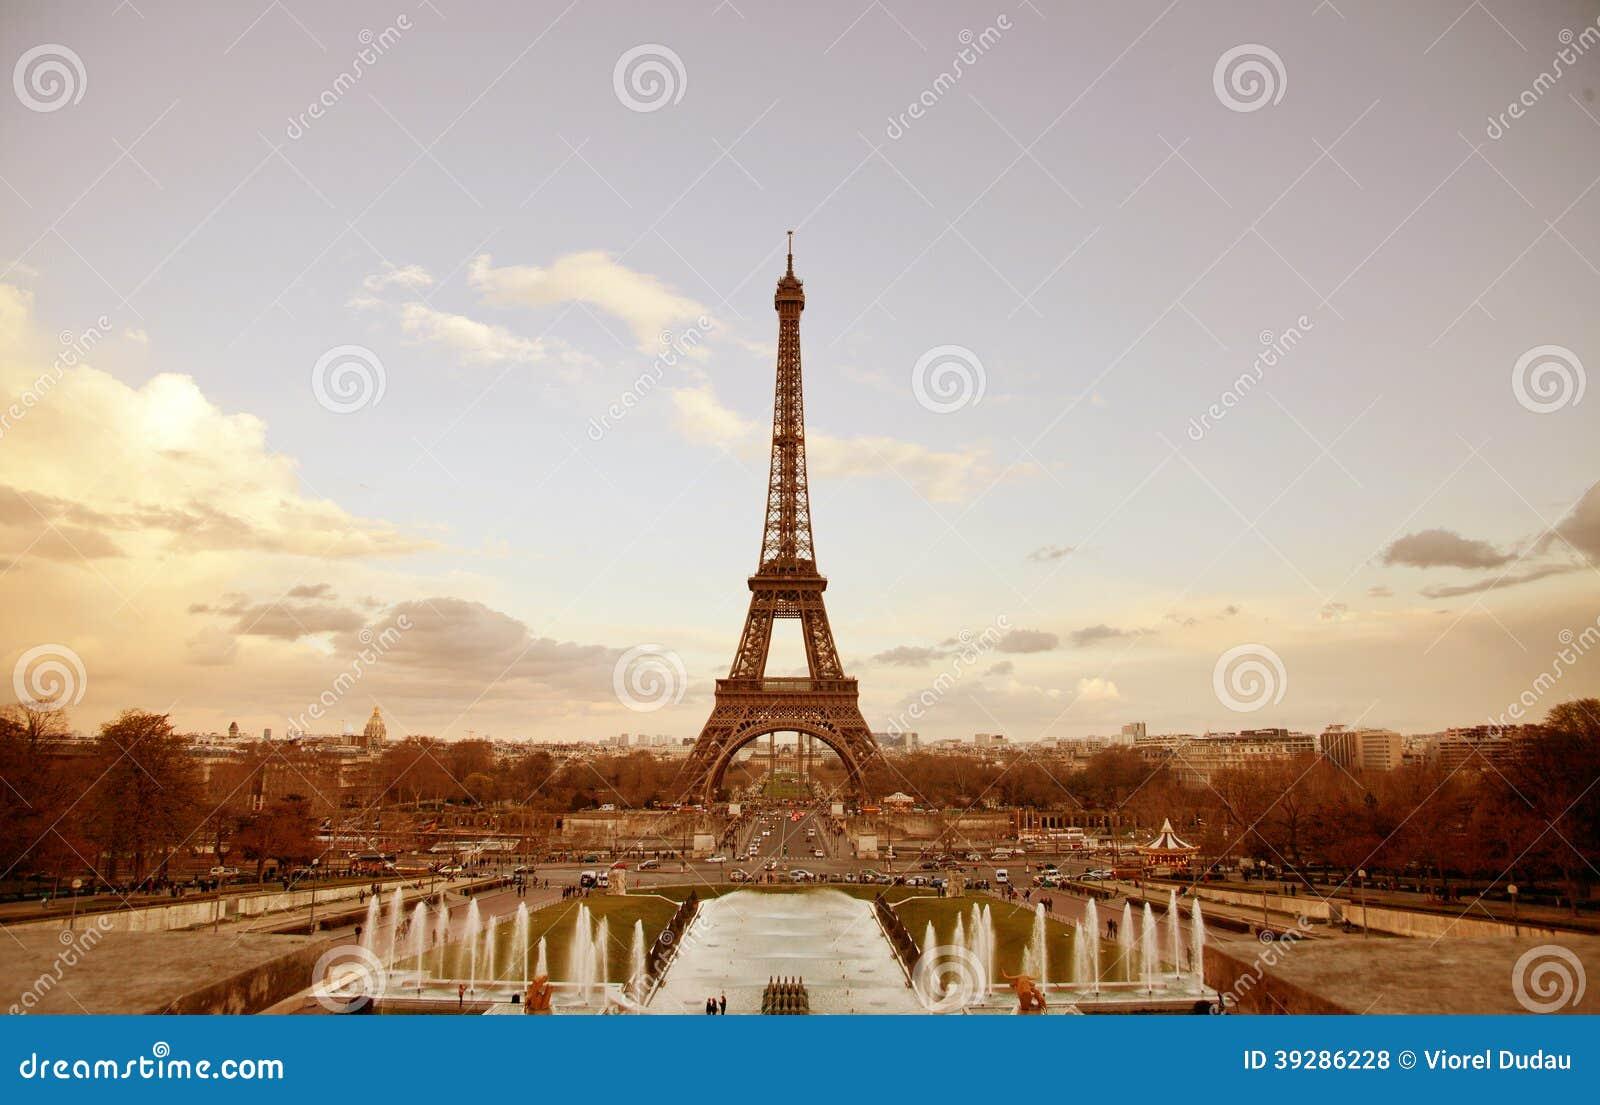 Paryski sepiowy pejzaż miejski z wieżą eifla